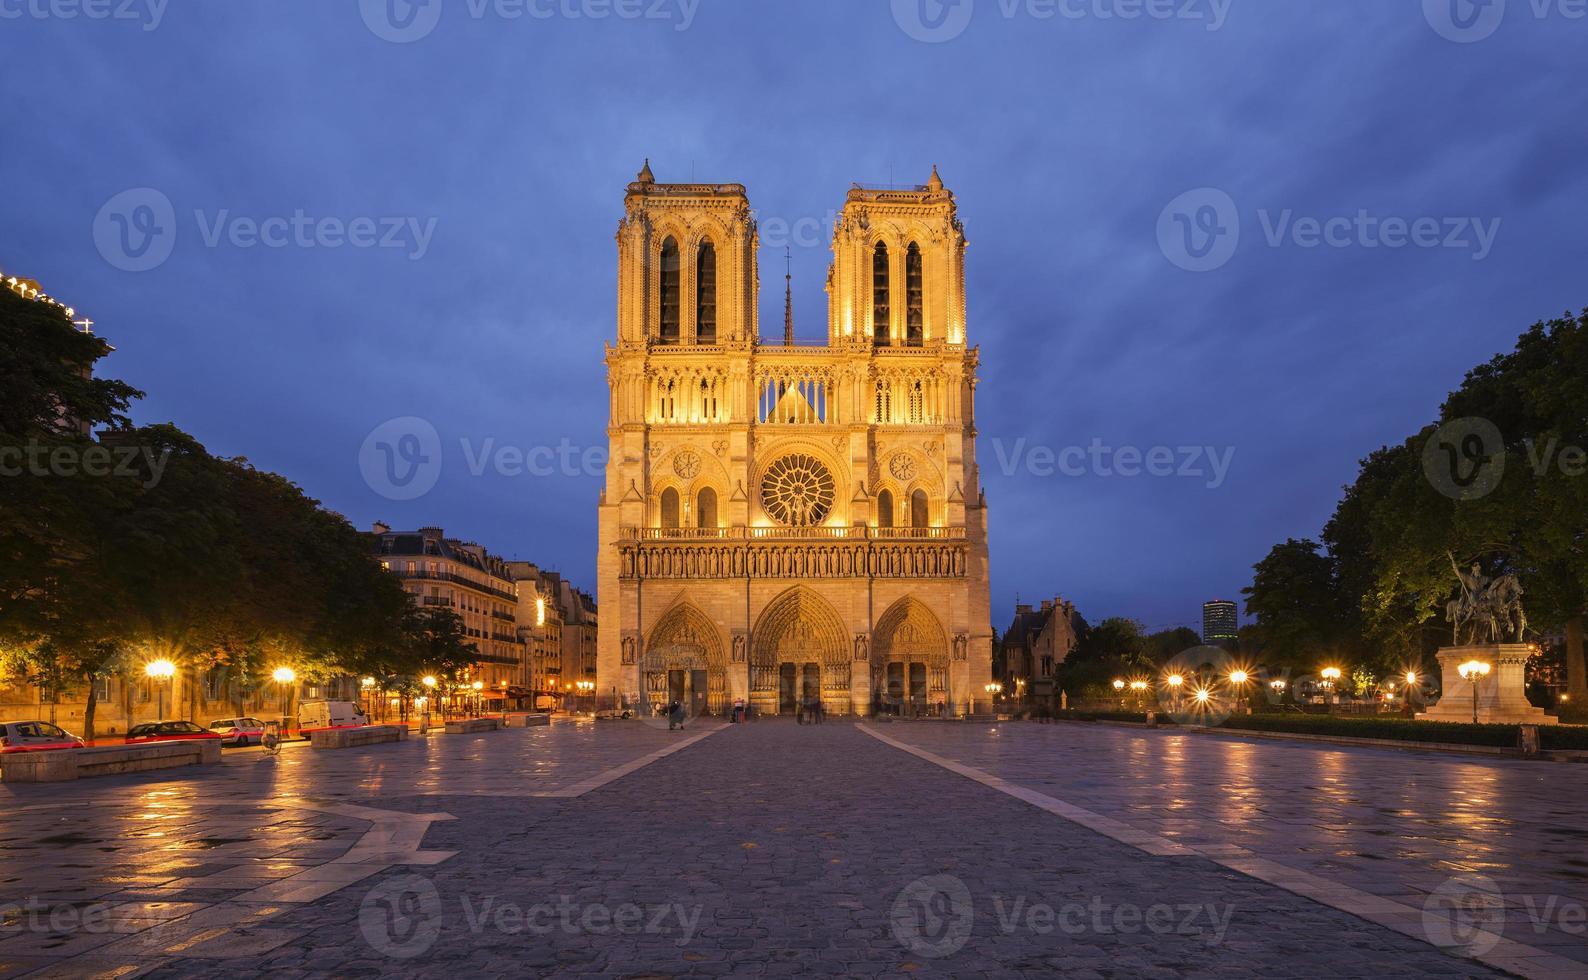 notre dame de paris vid skymningen, Frankrike foto